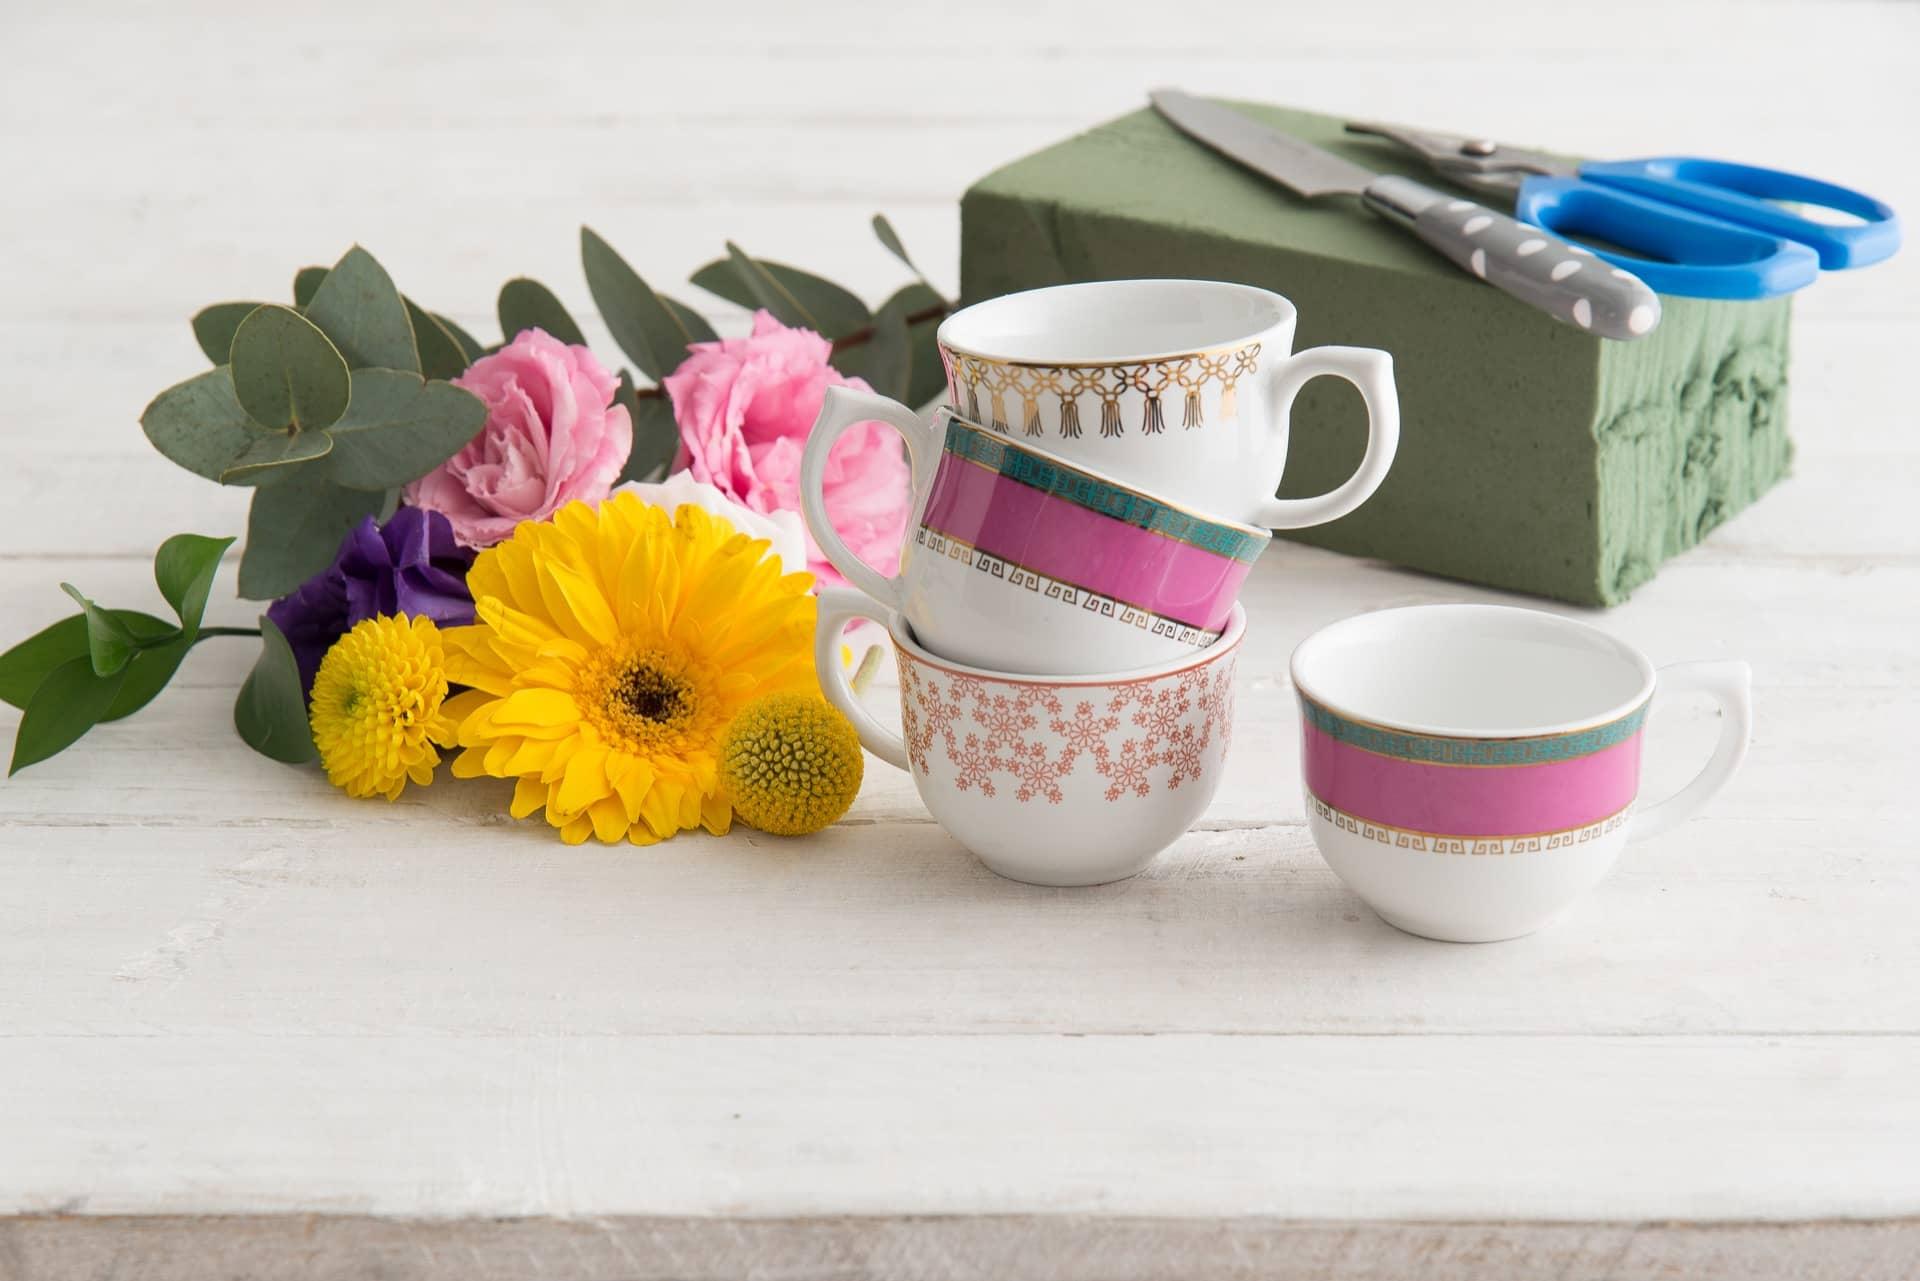 Imagem: Passo 1: Reúna todo o material necessário para o arranjo floral. Escolhemos duas xícaras da linha Flamingo Joia Brasileira, uma da linha Flamingo Macramê (com laços em ouro) e outra da linha Flamingo Dama de Honra (com desenho rendado), tudo da Oxford Porcelanas. Foto: Cacá Bratke.